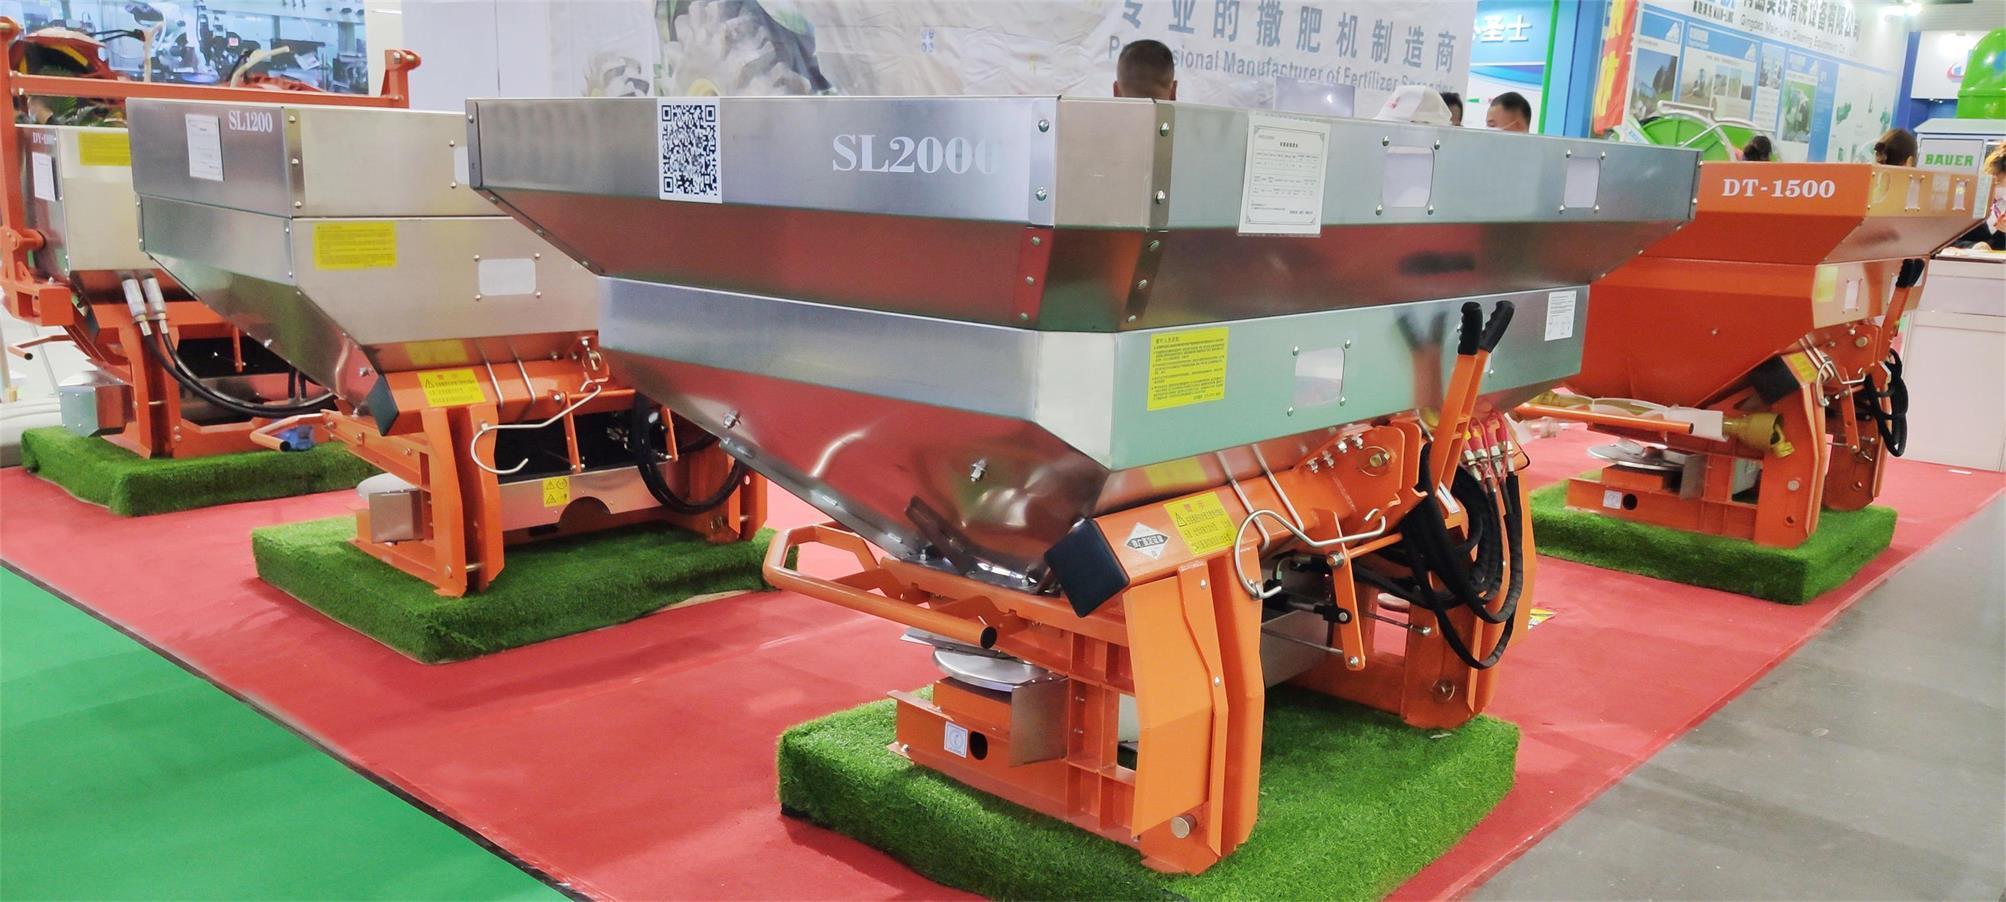 Rear throw pasture fertilizer spreading machine